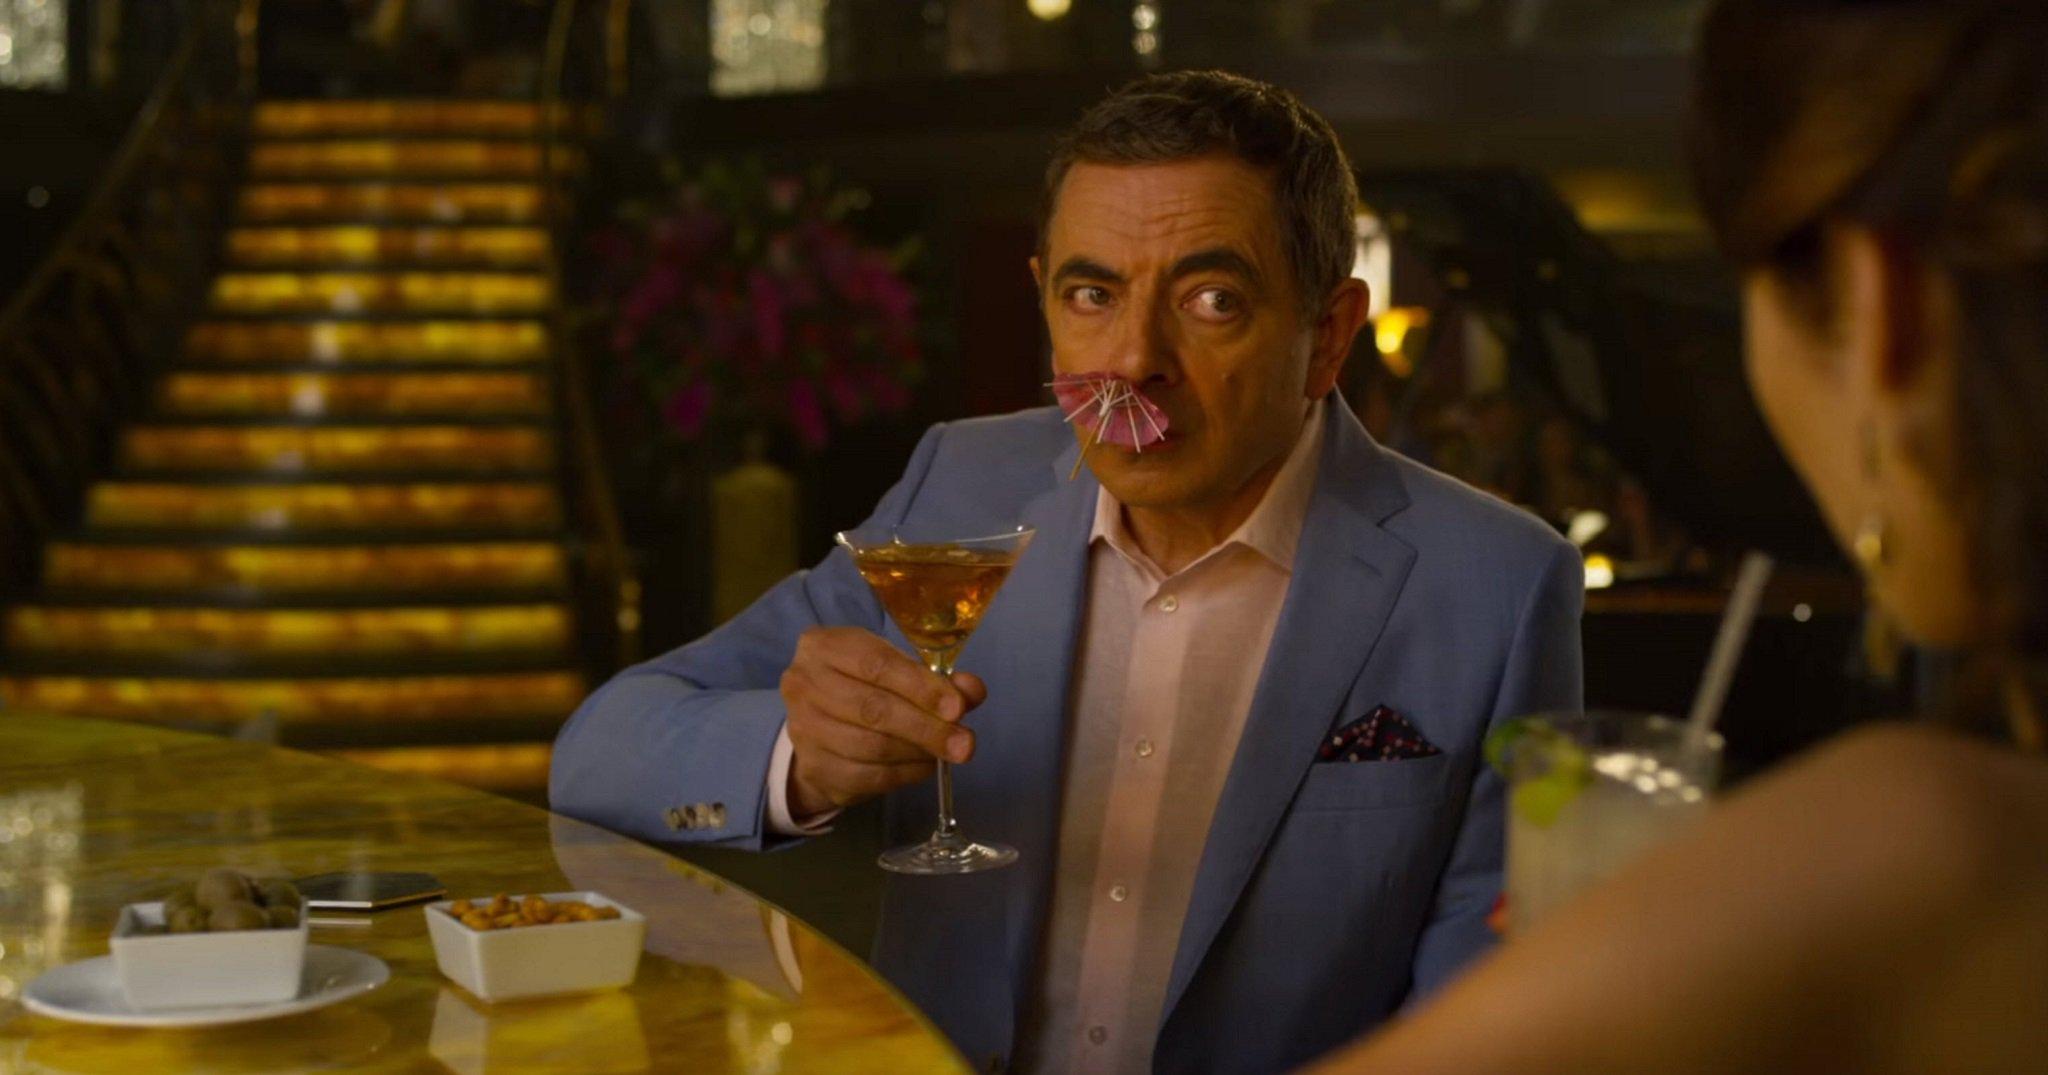 Vua hài Mr. Bean thay đổi thế nào bên Bond Girl nóng bỏng? - hình ảnh 2